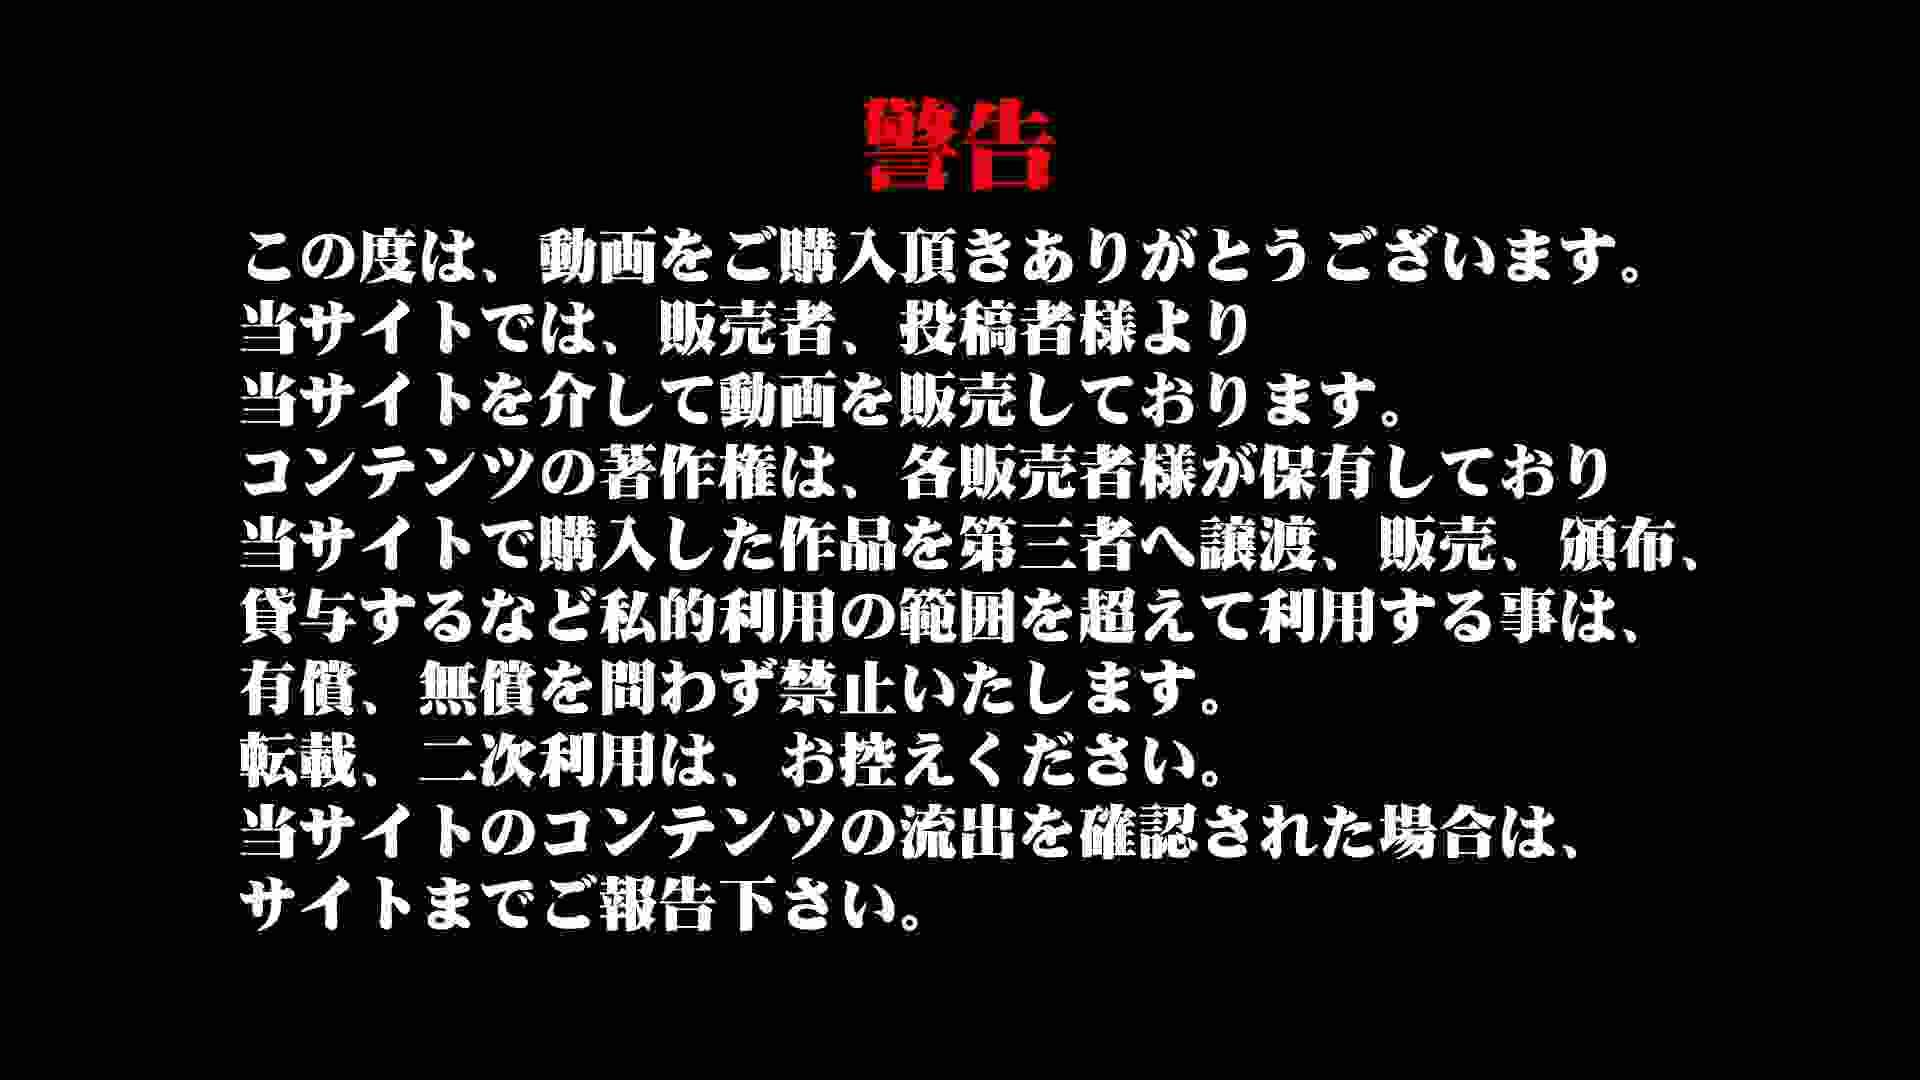 Aquaな露天風呂Vol.927 OLのエロ生活  89連発 15